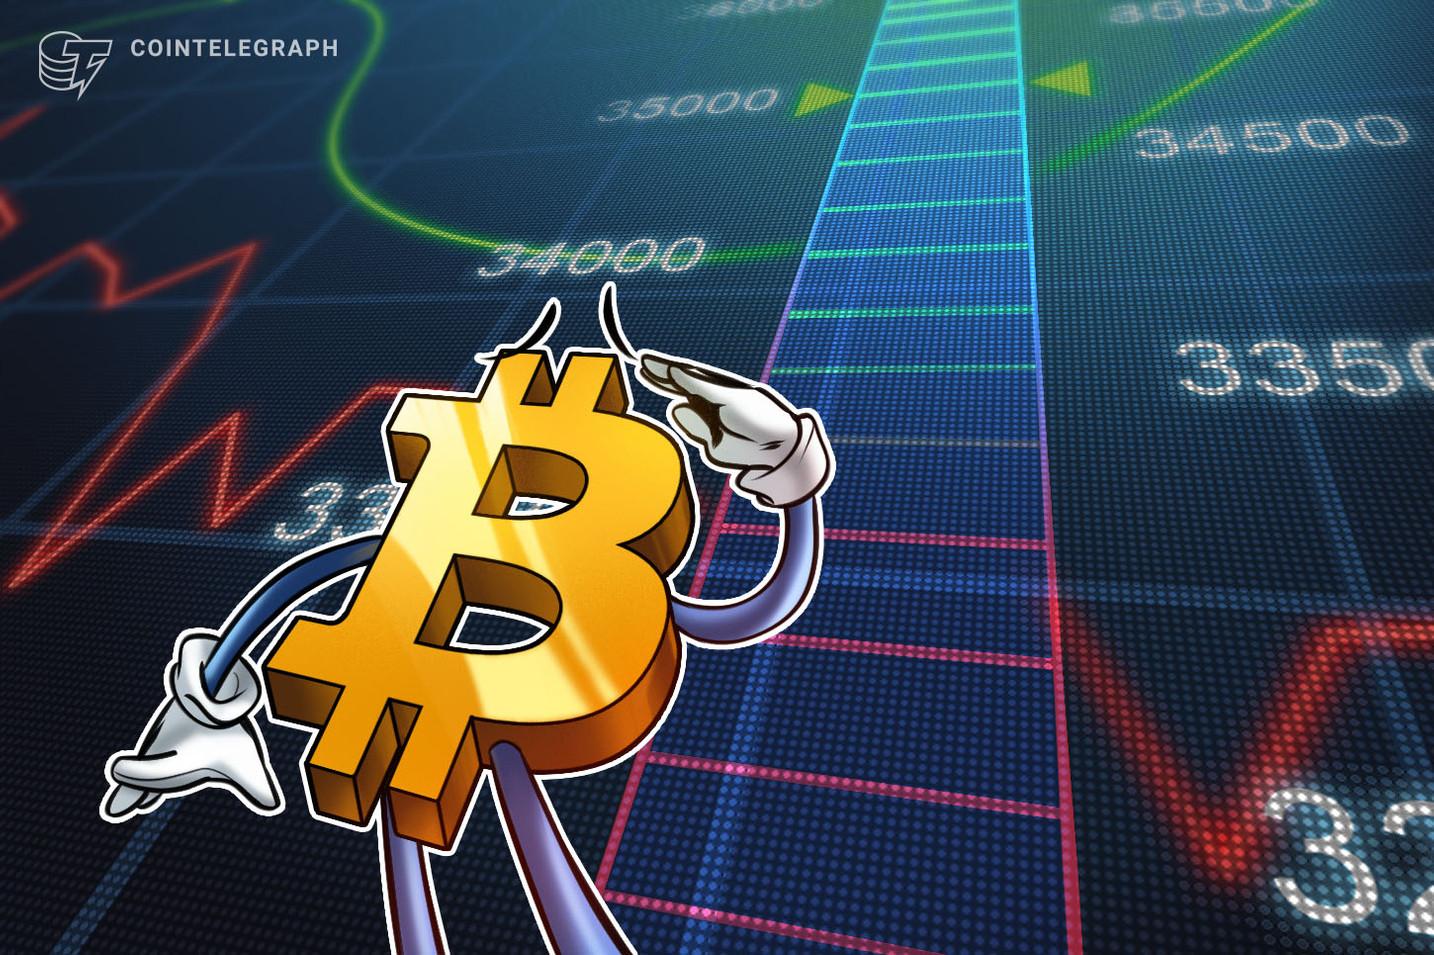 Harga Bitcoin mencapai $34K karena pedagang memperkirakan pertarungan resistensi akhir pekan yang baru